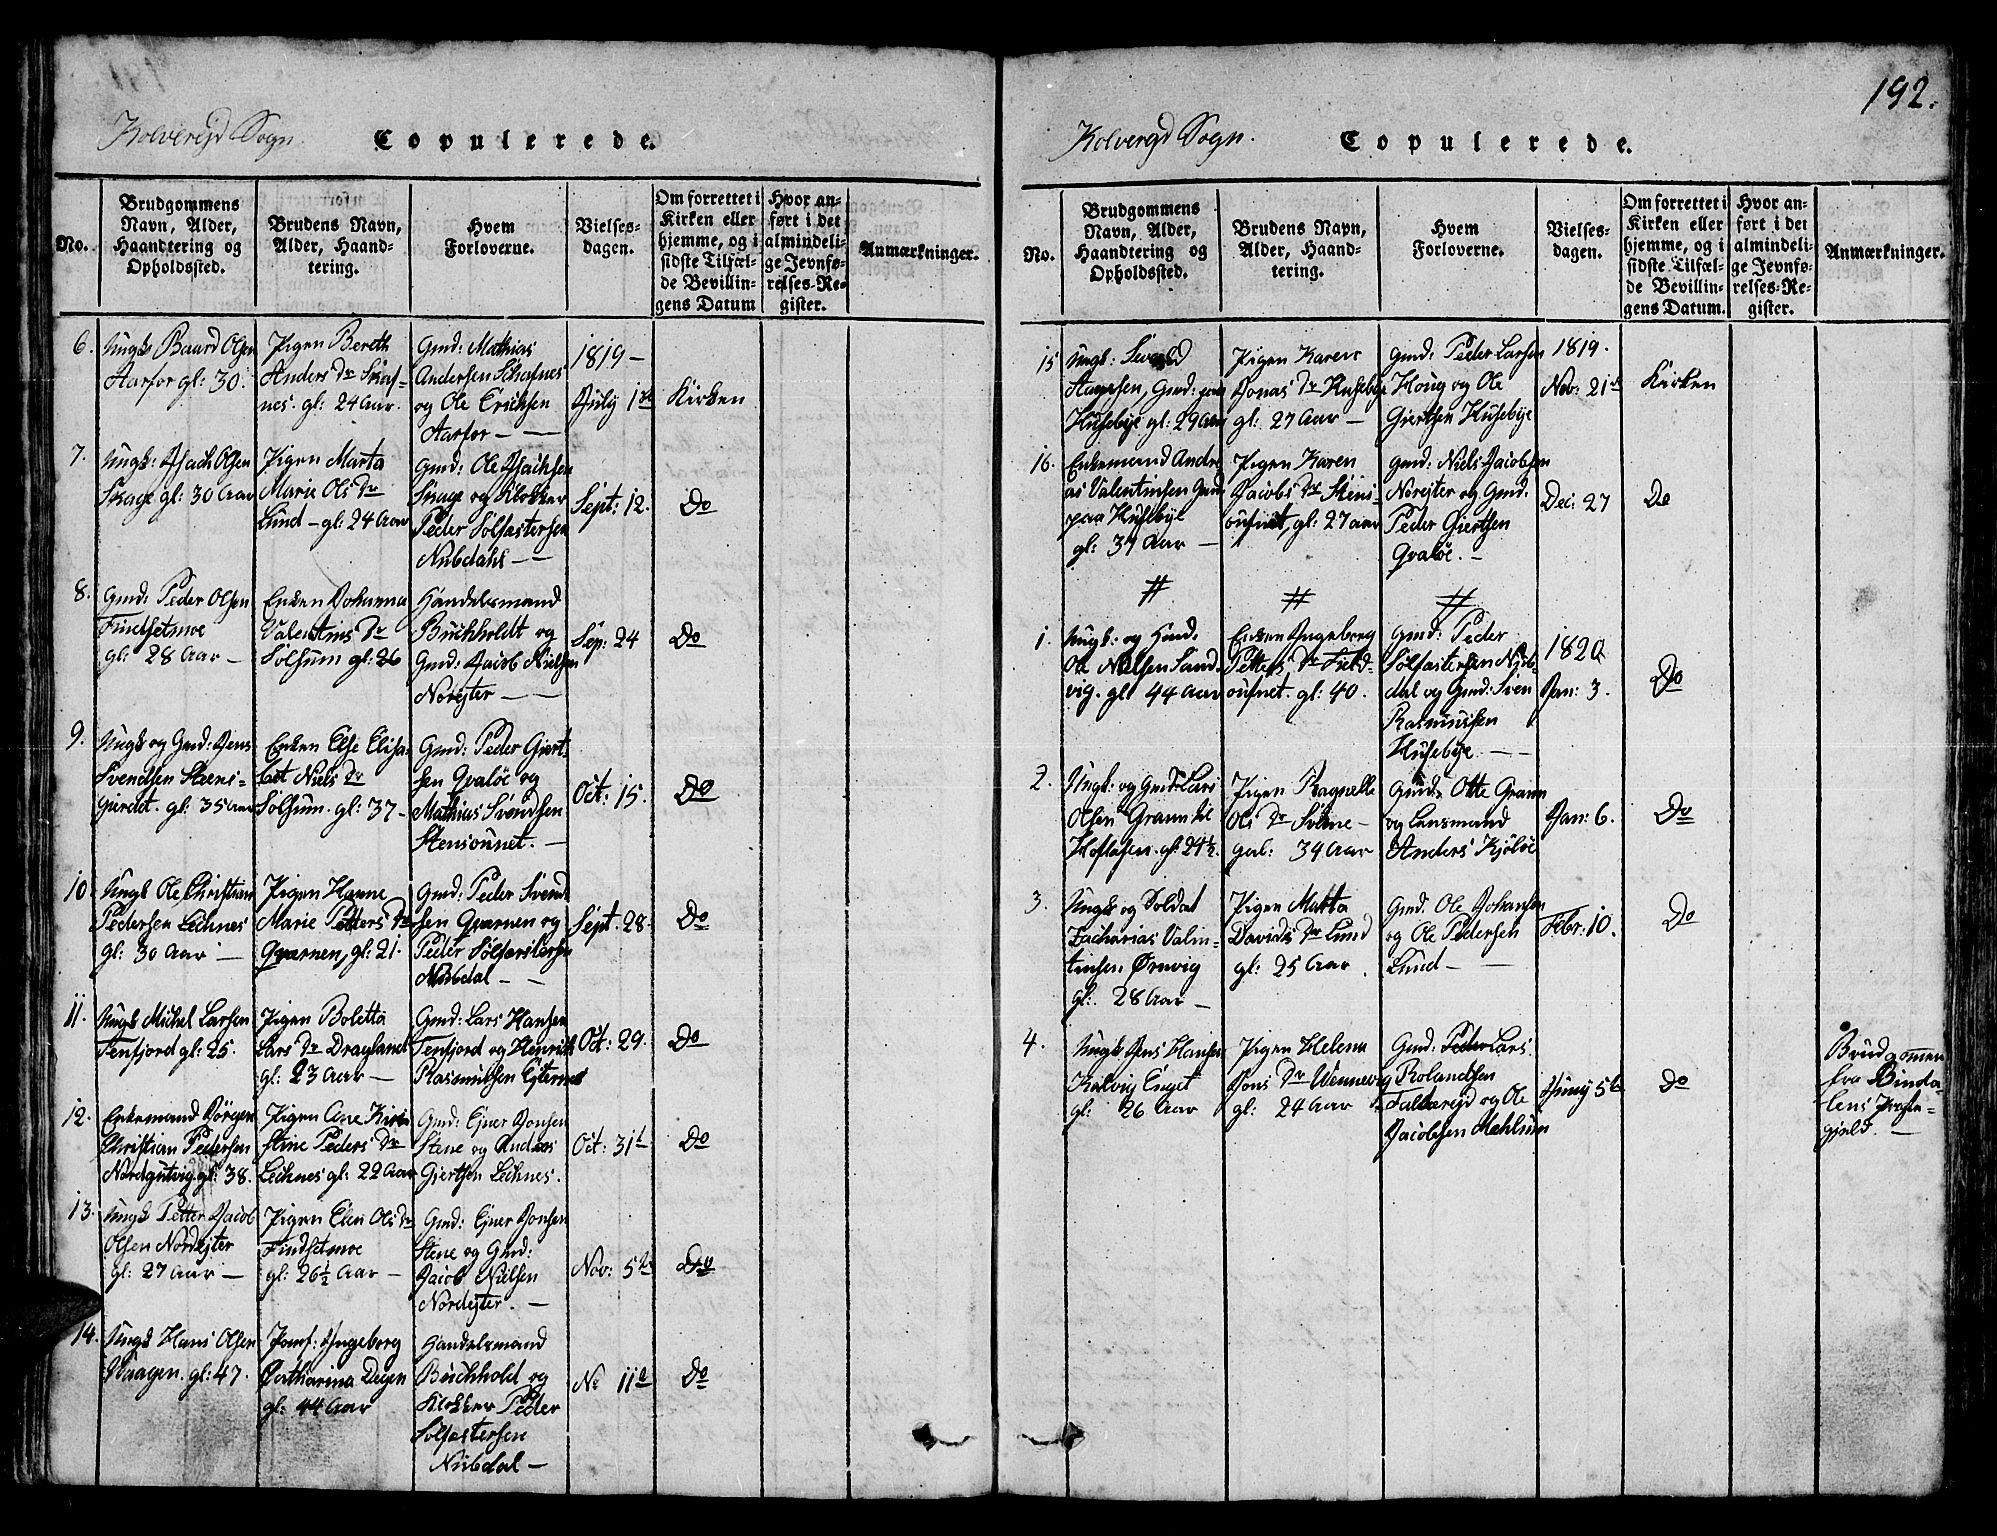 SAT, Ministerialprotokoller, klokkerbøker og fødselsregistre - Nord-Trøndelag, 780/L0648: Klokkerbok nr. 780C01 /1, 1815-1870, s. 192